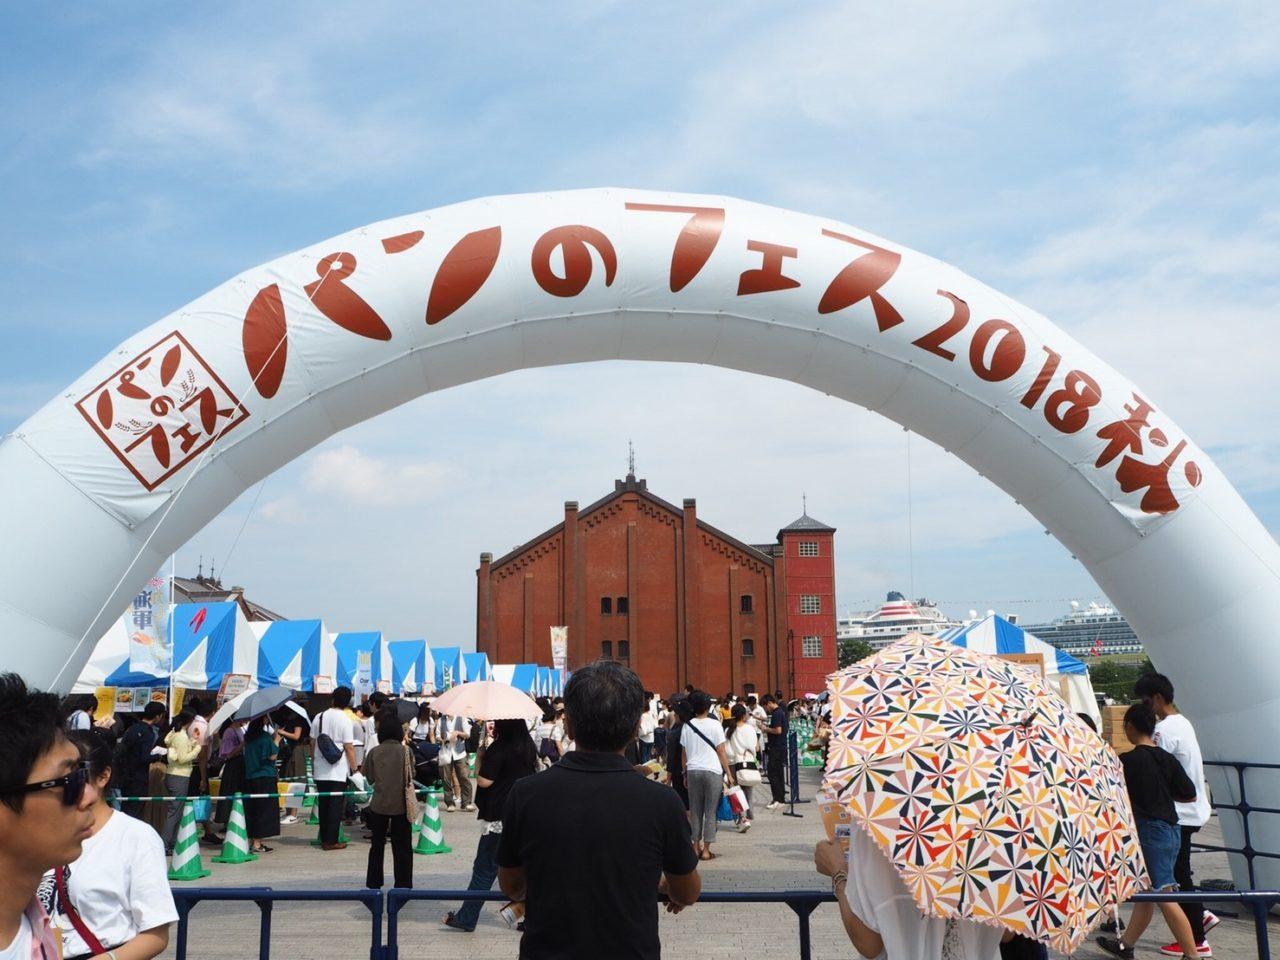 パンのフェスのアーチ状の入場門の写真